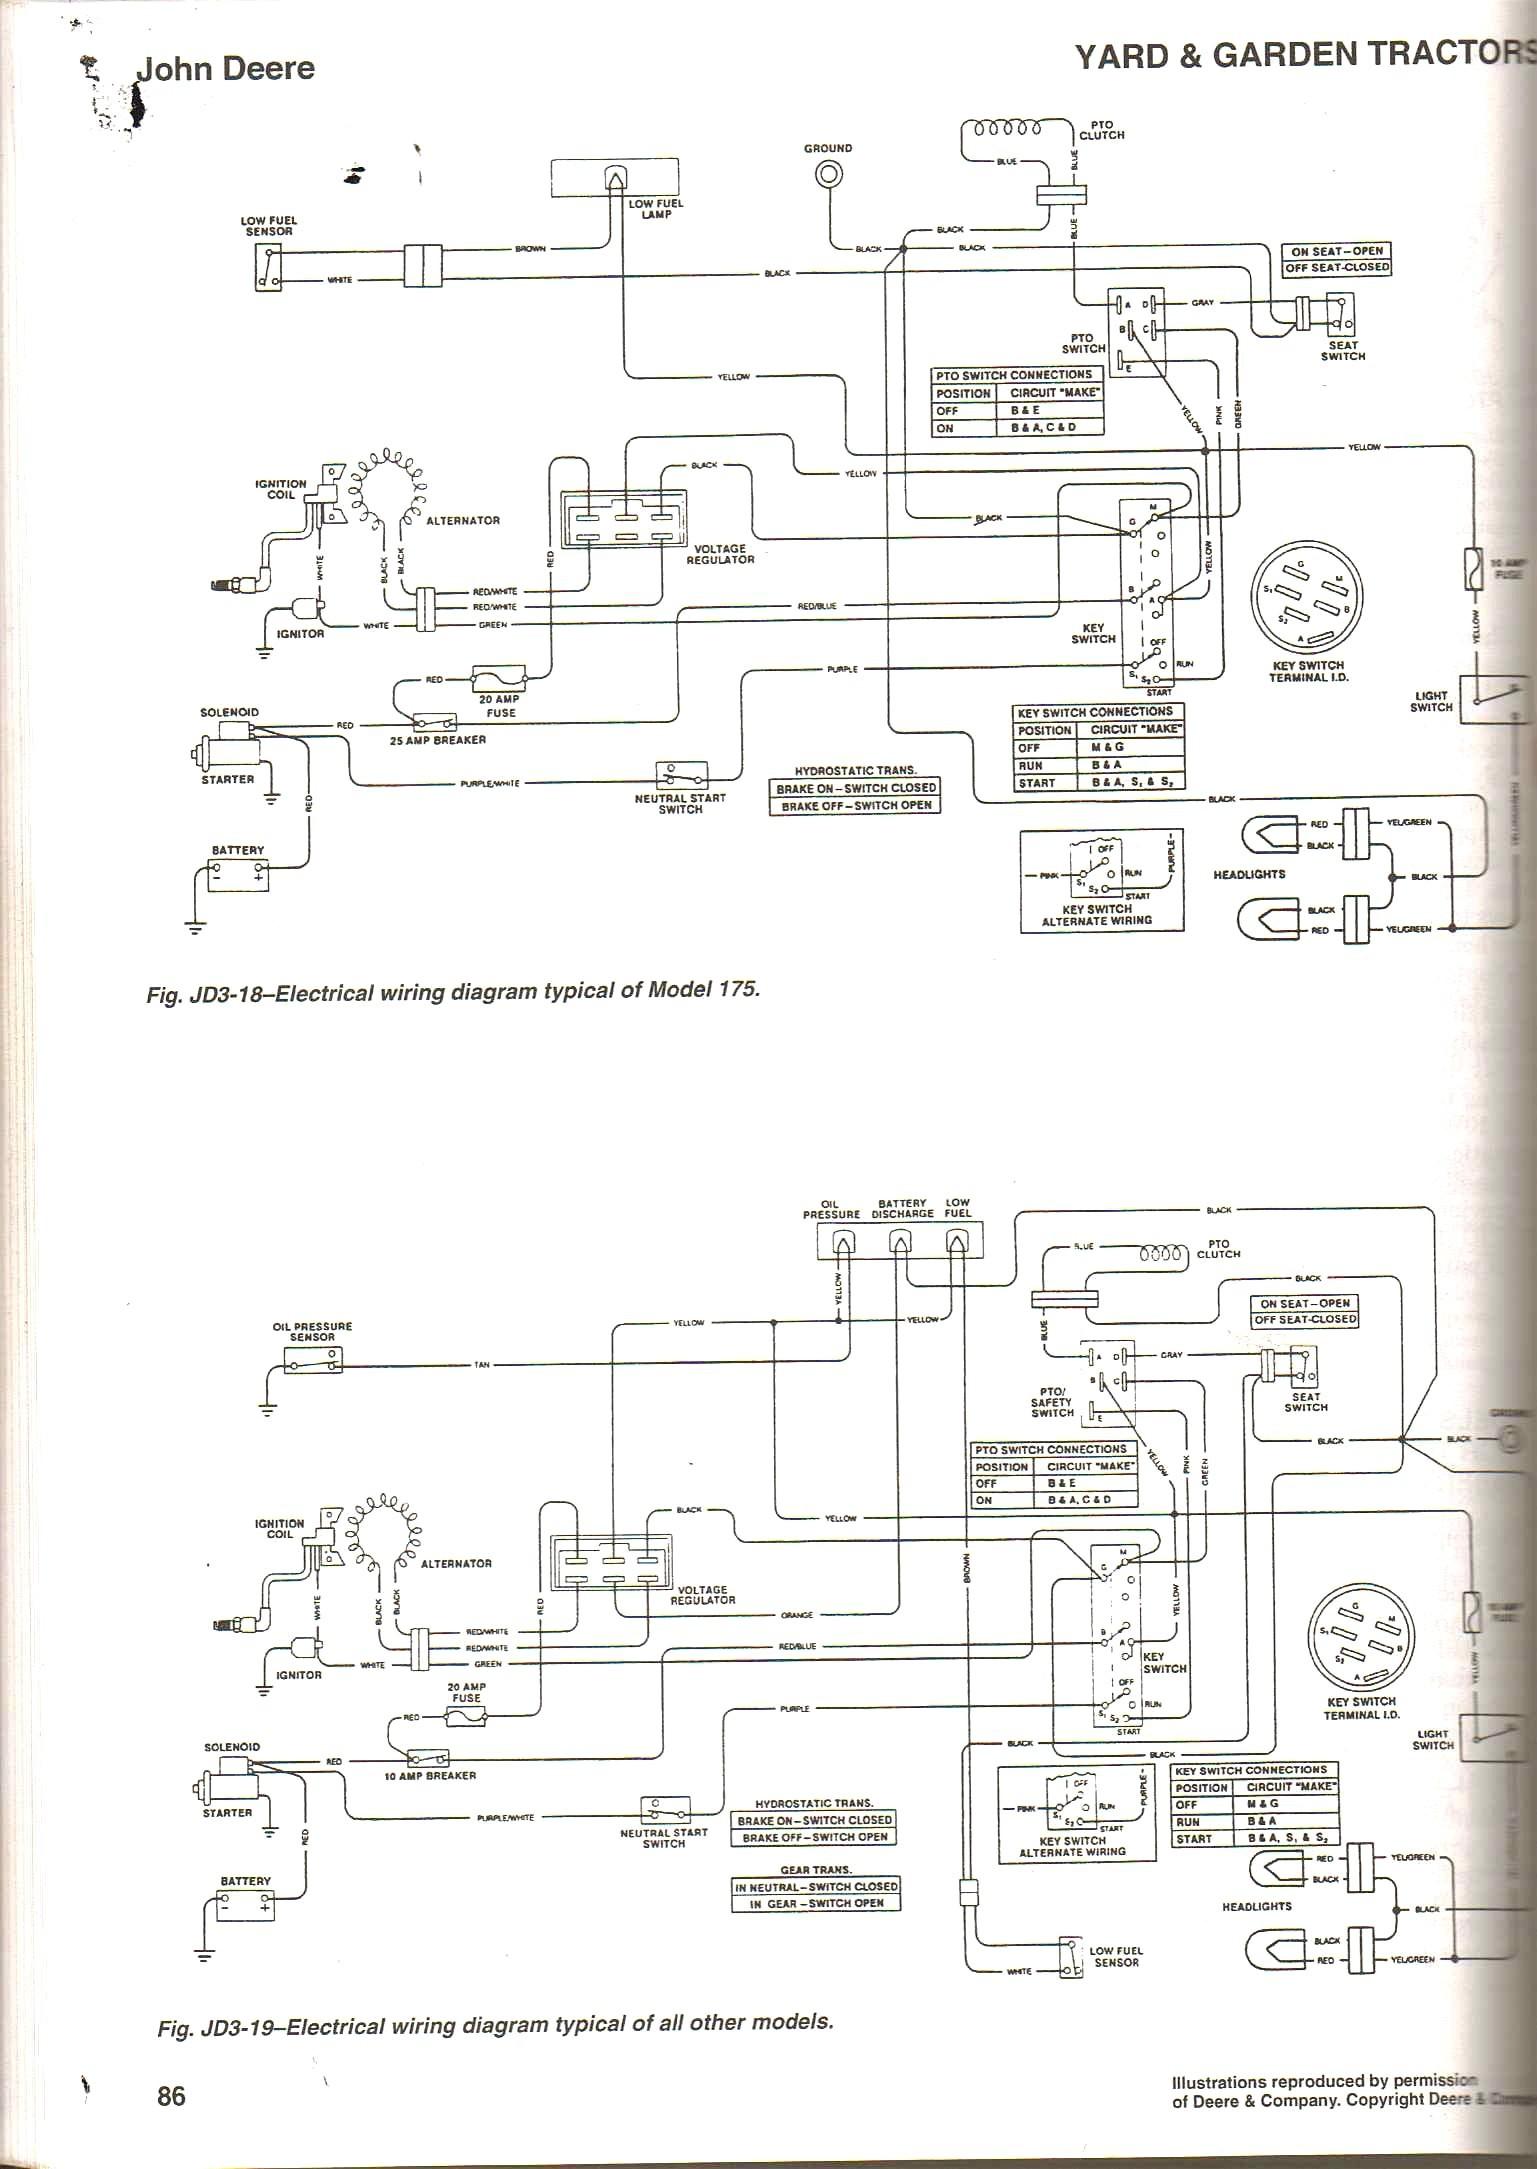 john deere lt160 wiring diagram - Wiring Diagram